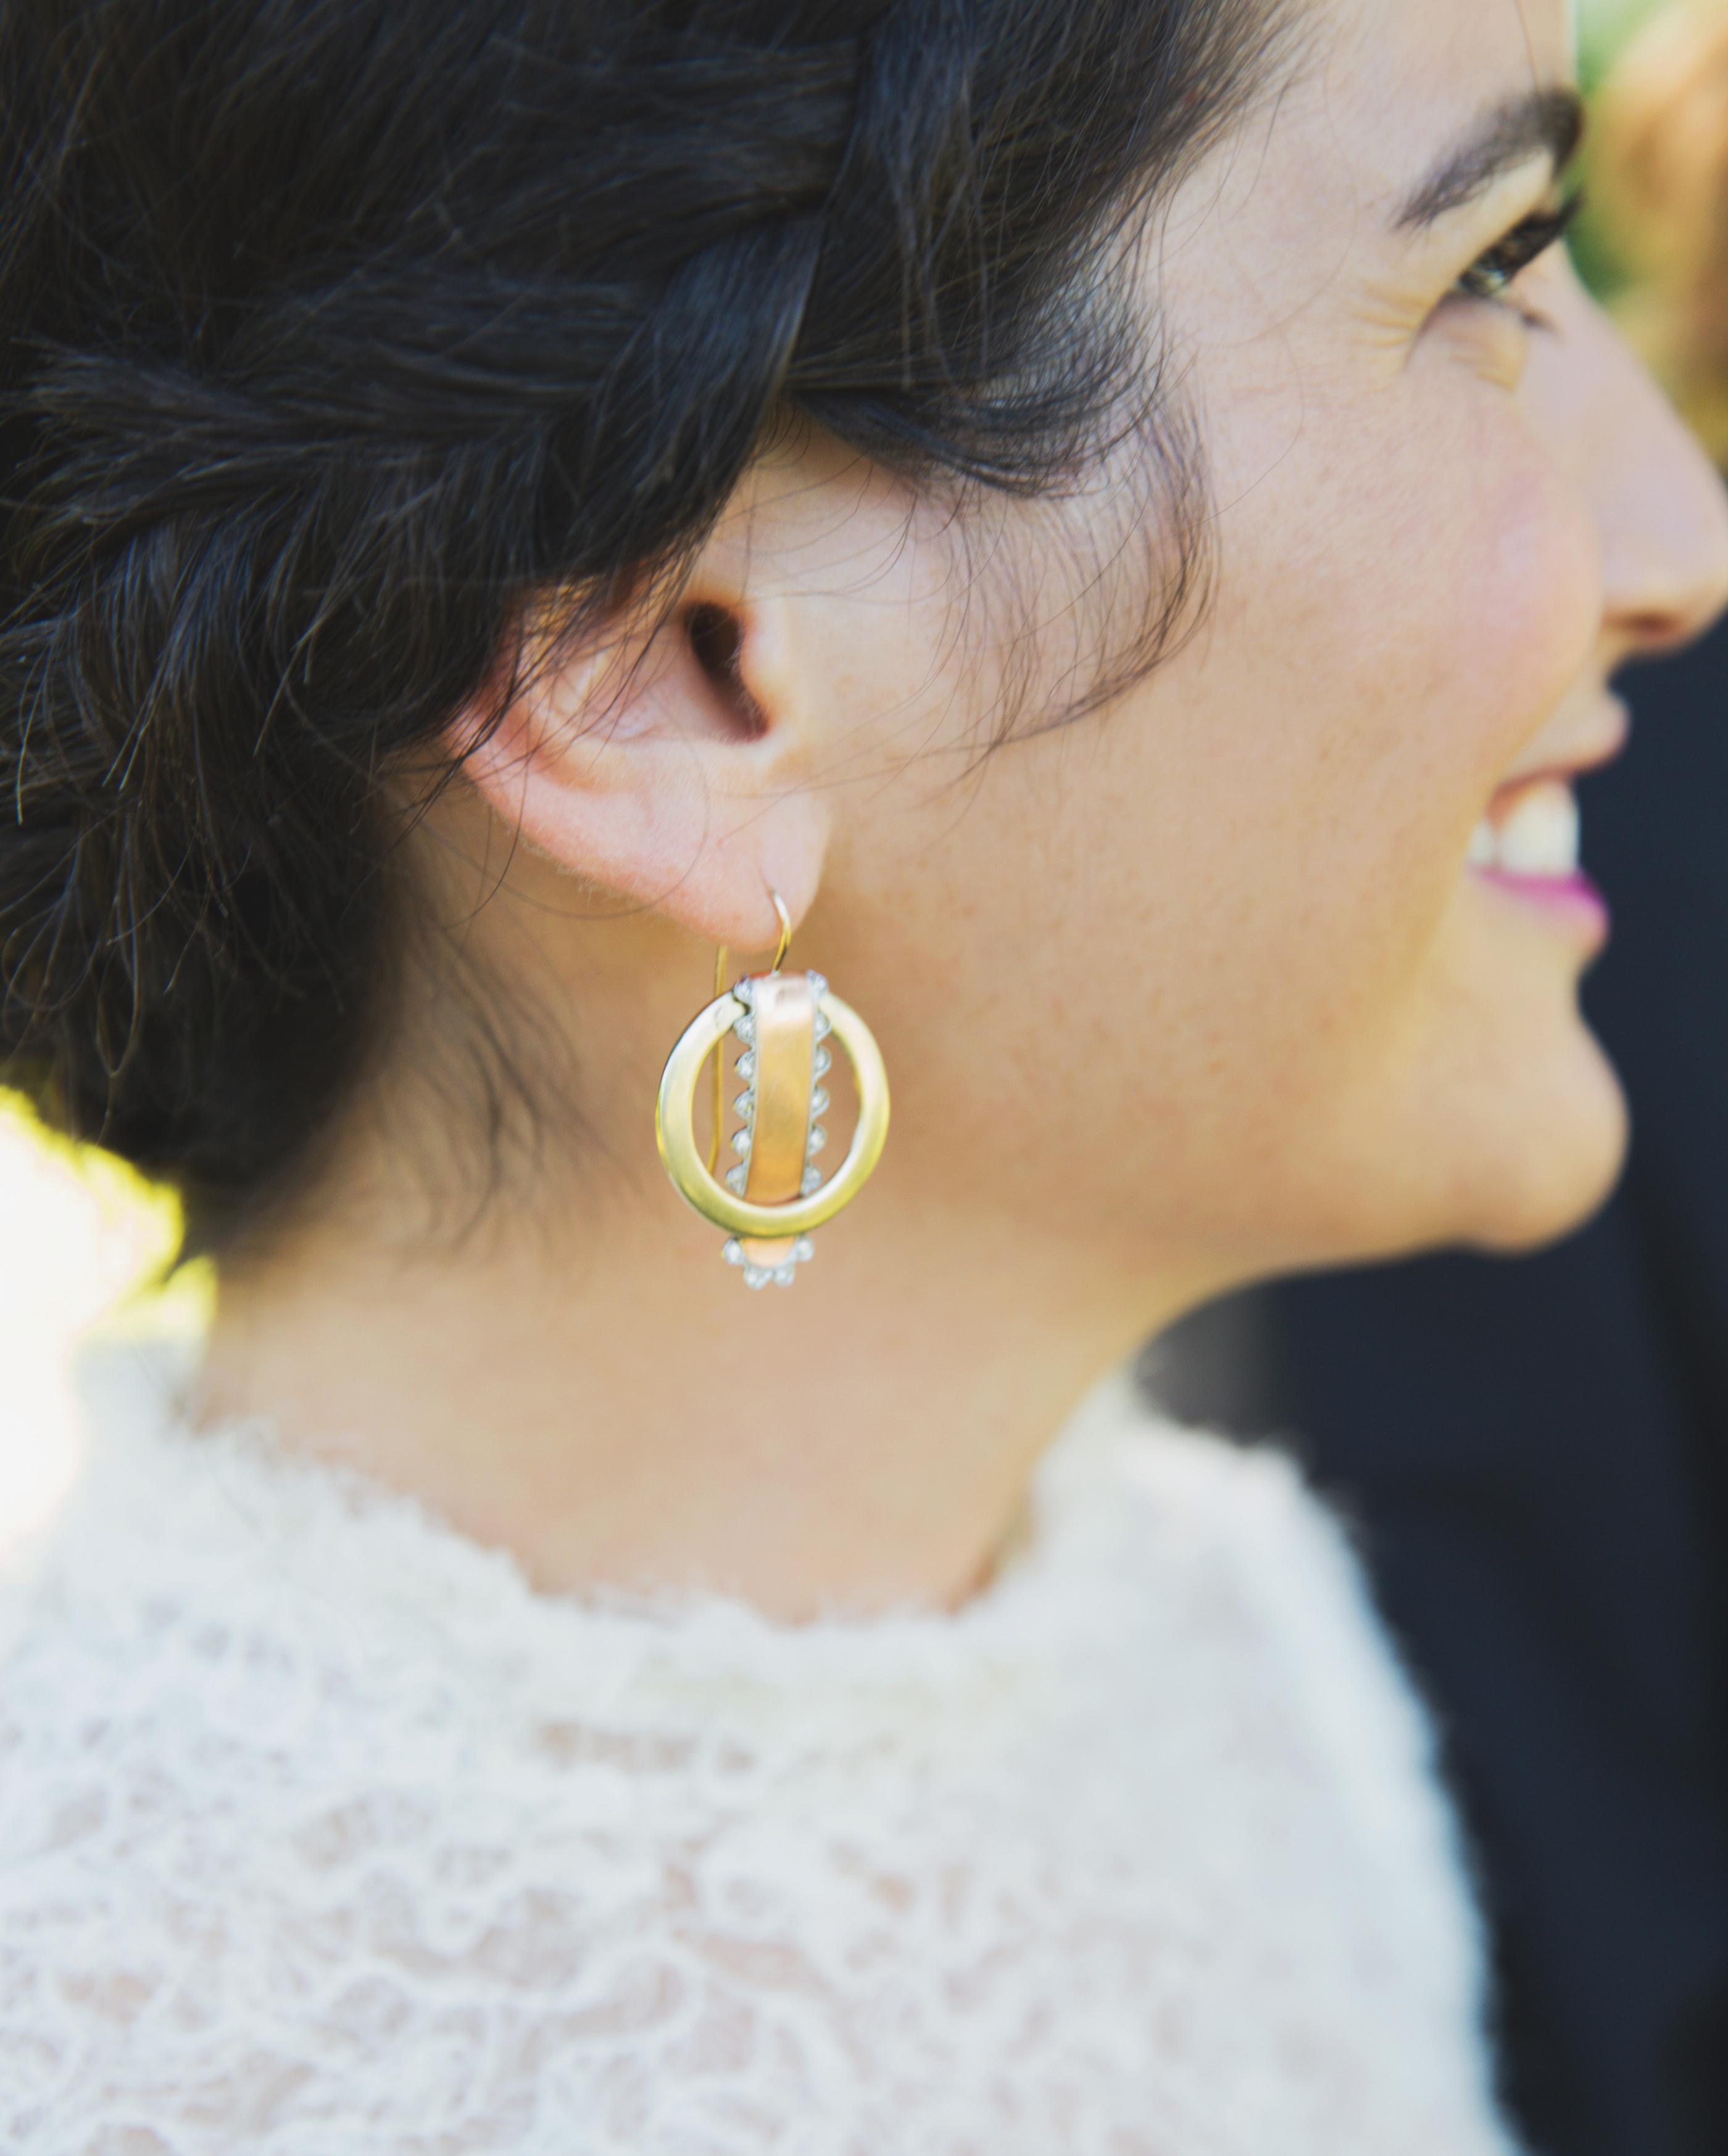 lilly-carter-wedding-earring-00134-s112037-0715.jpg